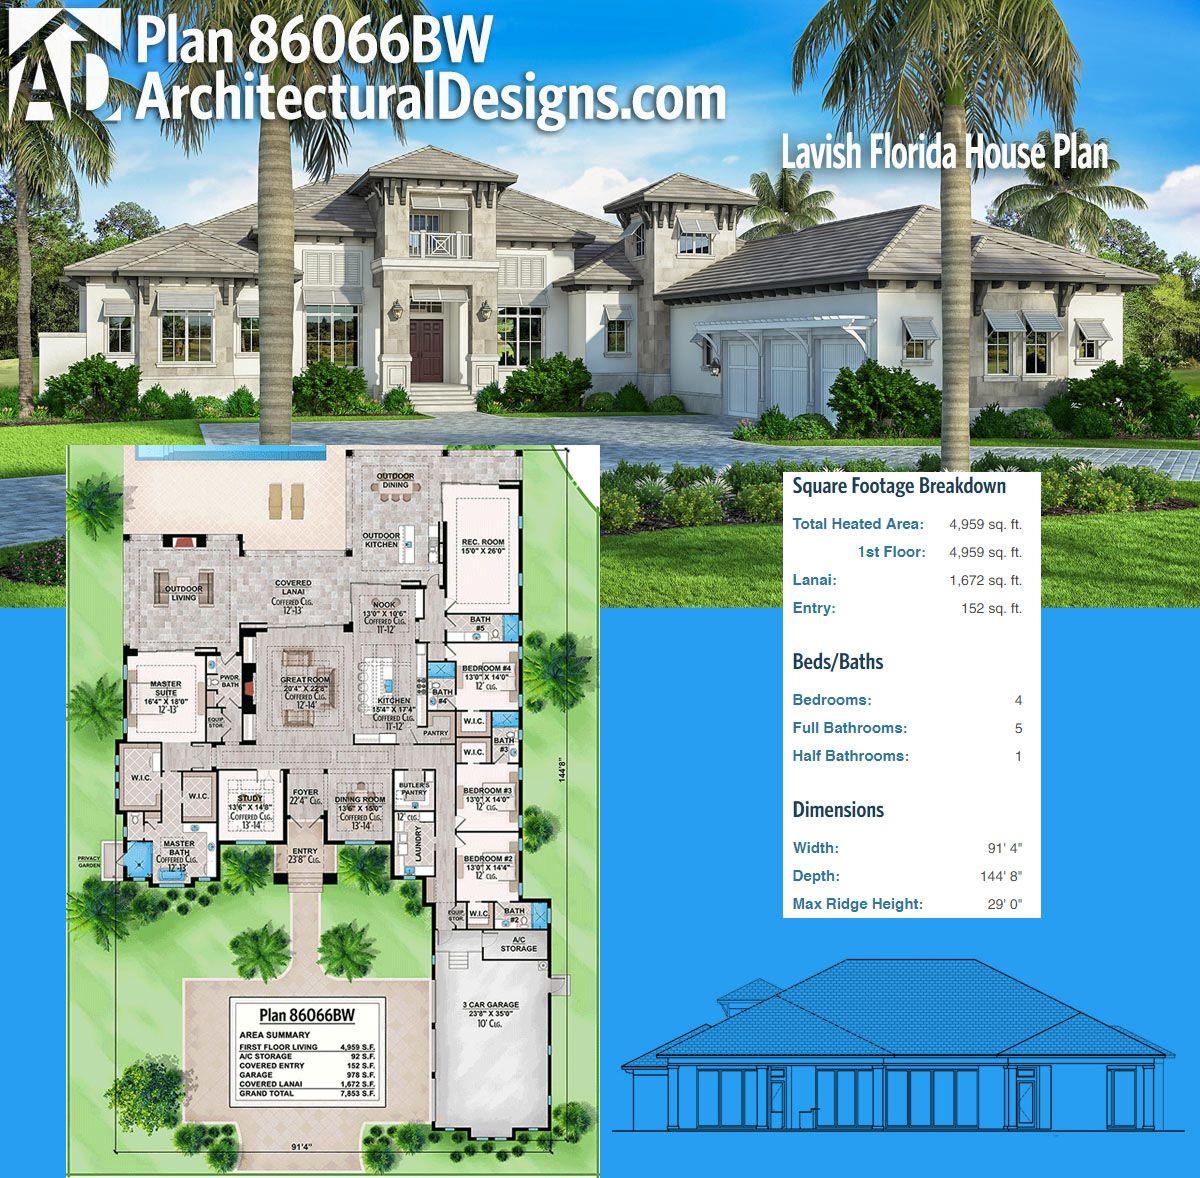 Plan 86066bw Lavish Florida House Plan Florida House Plans House Plans Architectural Design House Plans